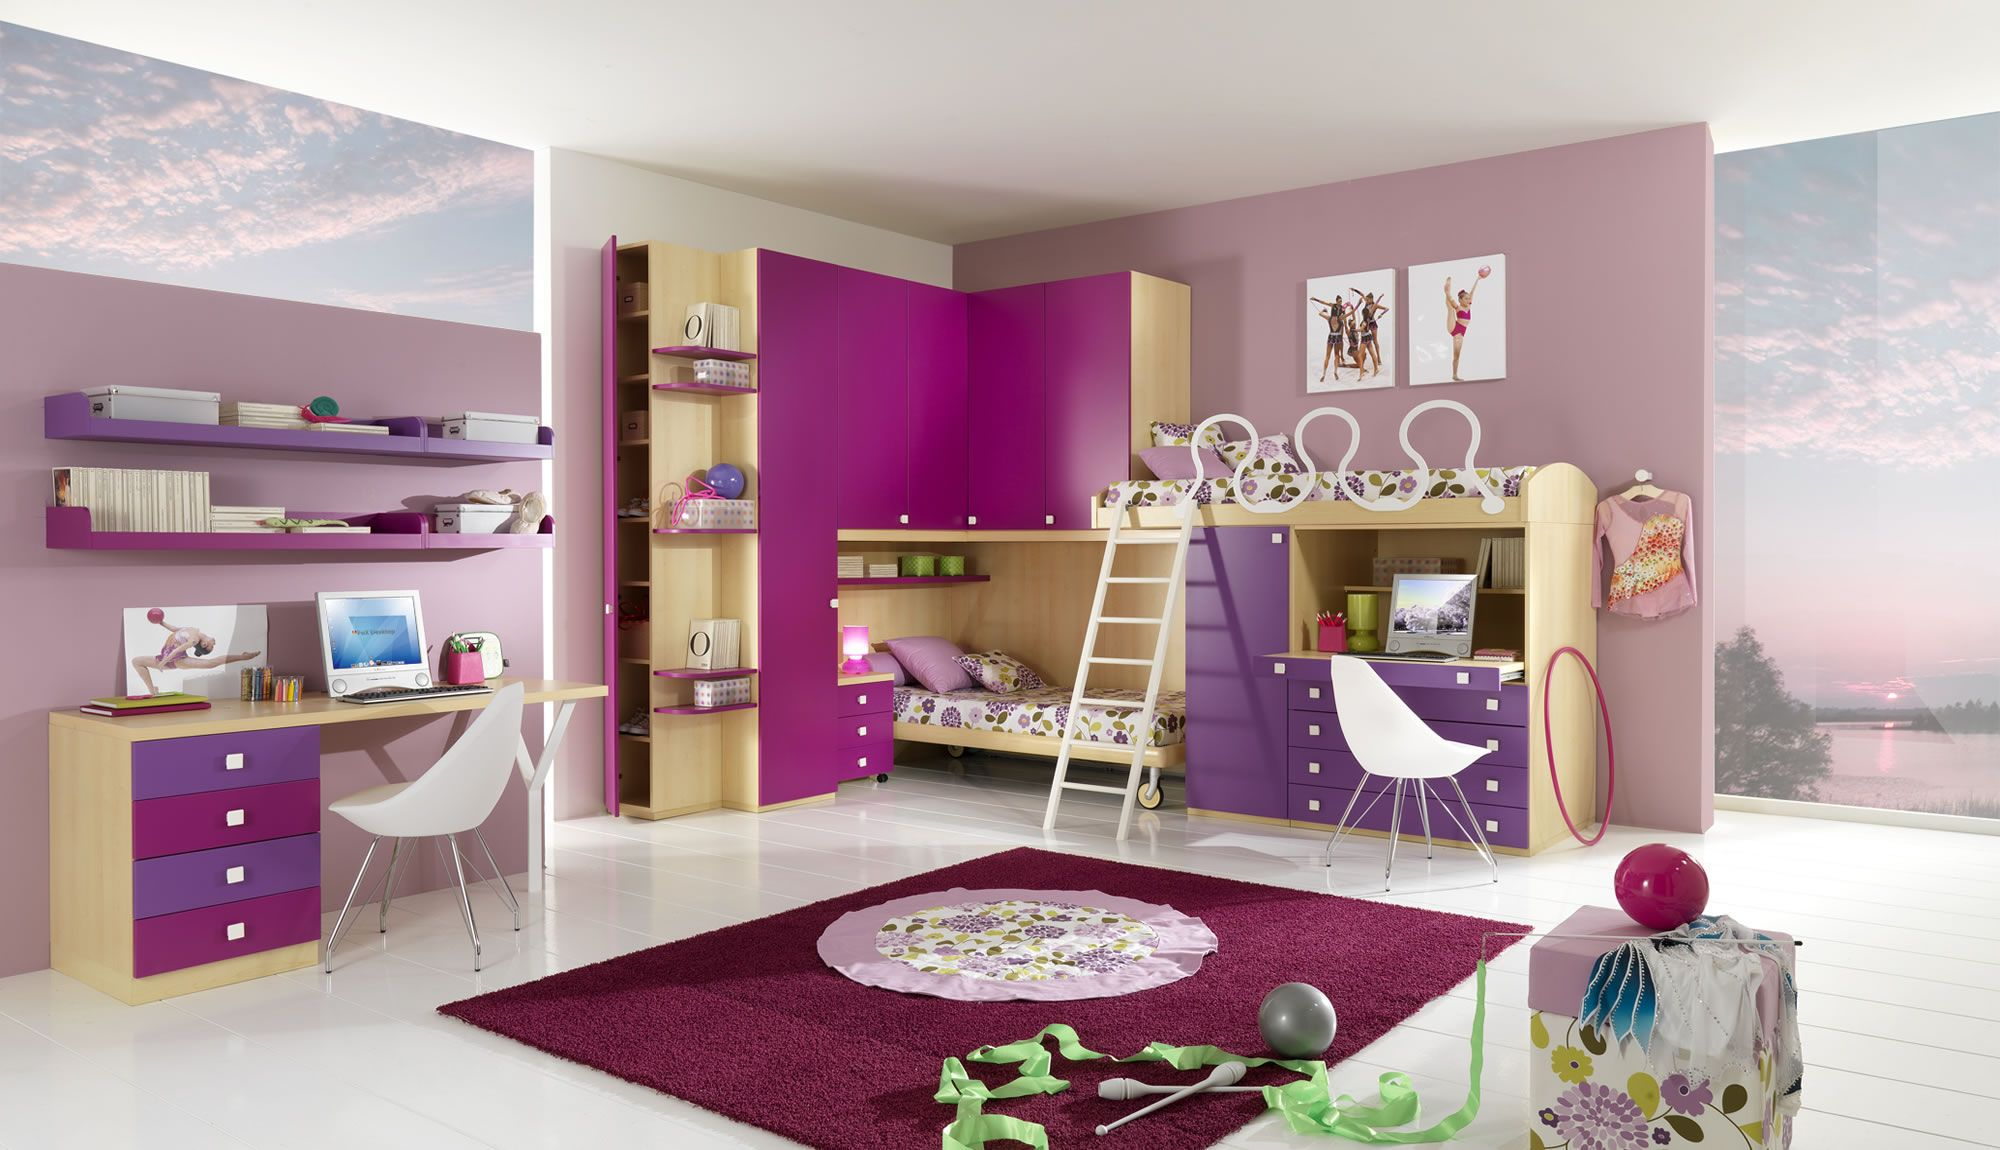 mädchen kinderzimmer - kinderzimmer 2017, Schlafzimmer design